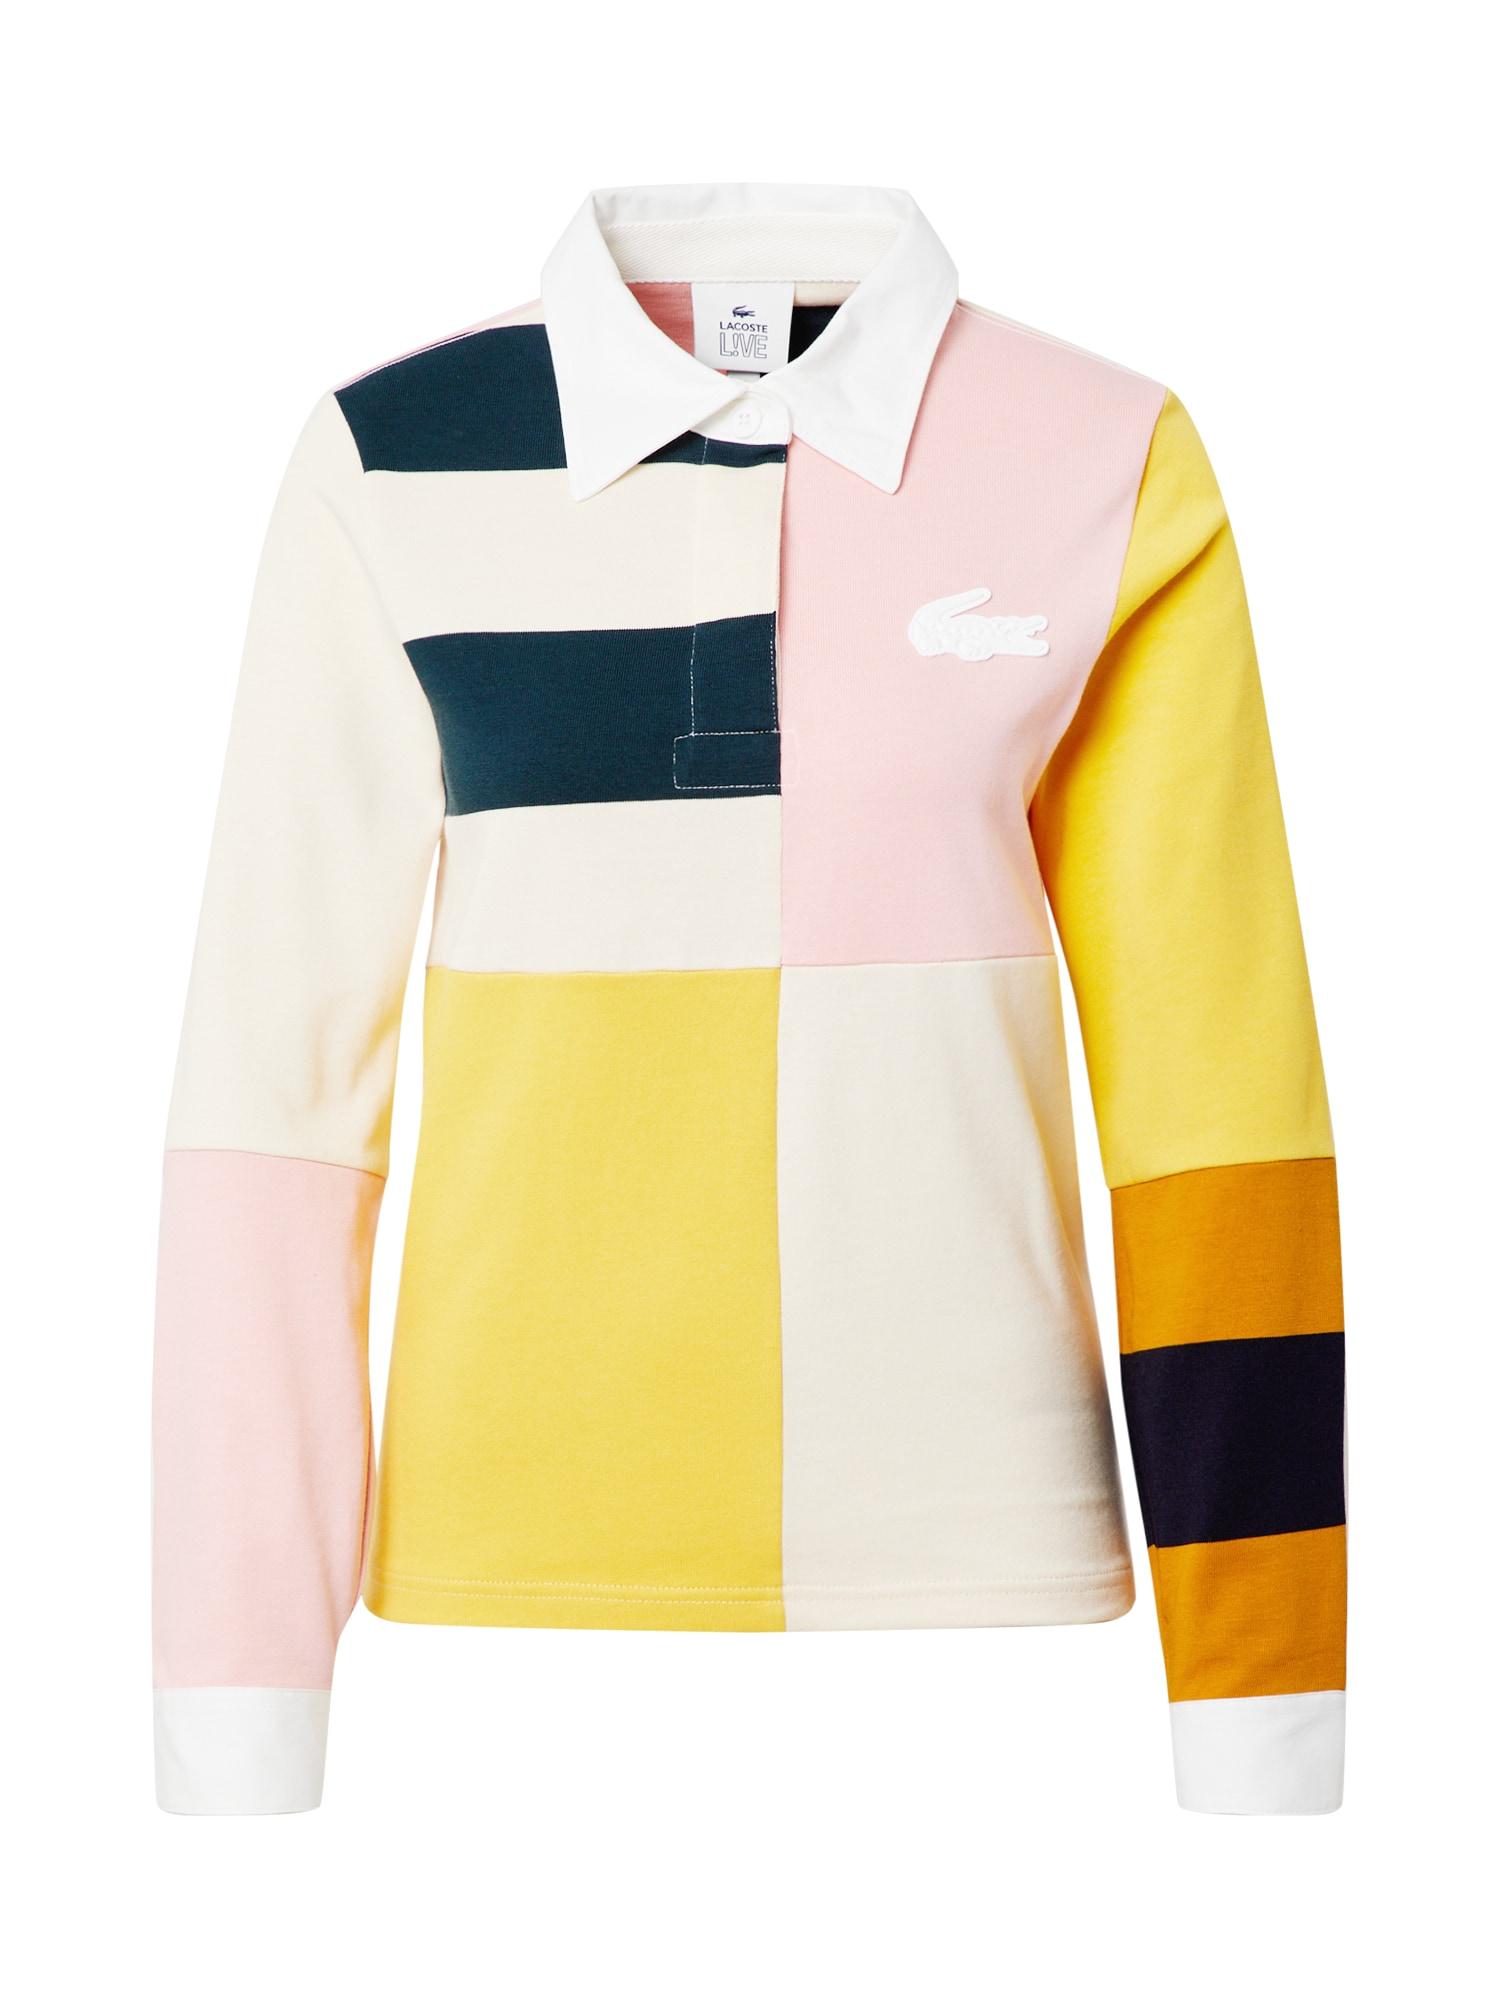 LACOSTE Marškinėliai mišrios spalvos